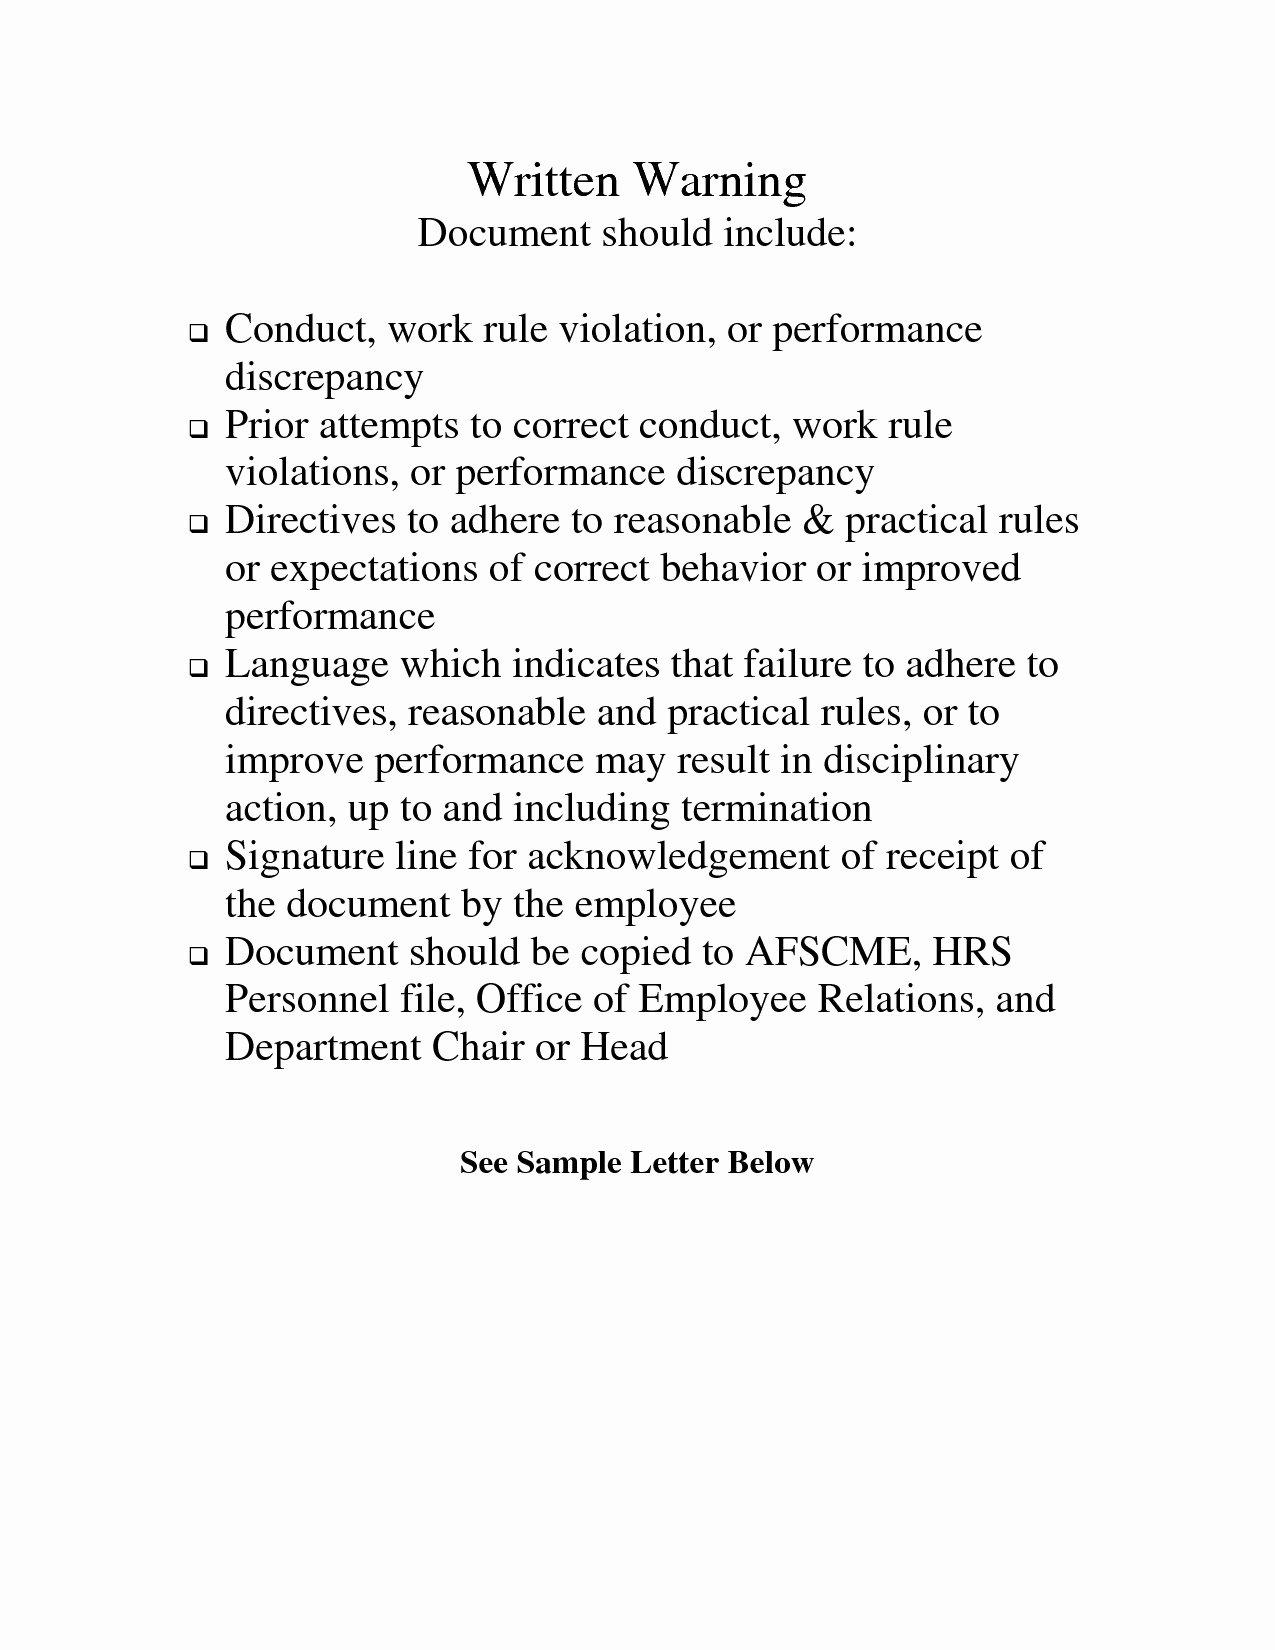 Employee Written Warning Sample Letter Inspirational 10 Sample Write Up for Insubordination